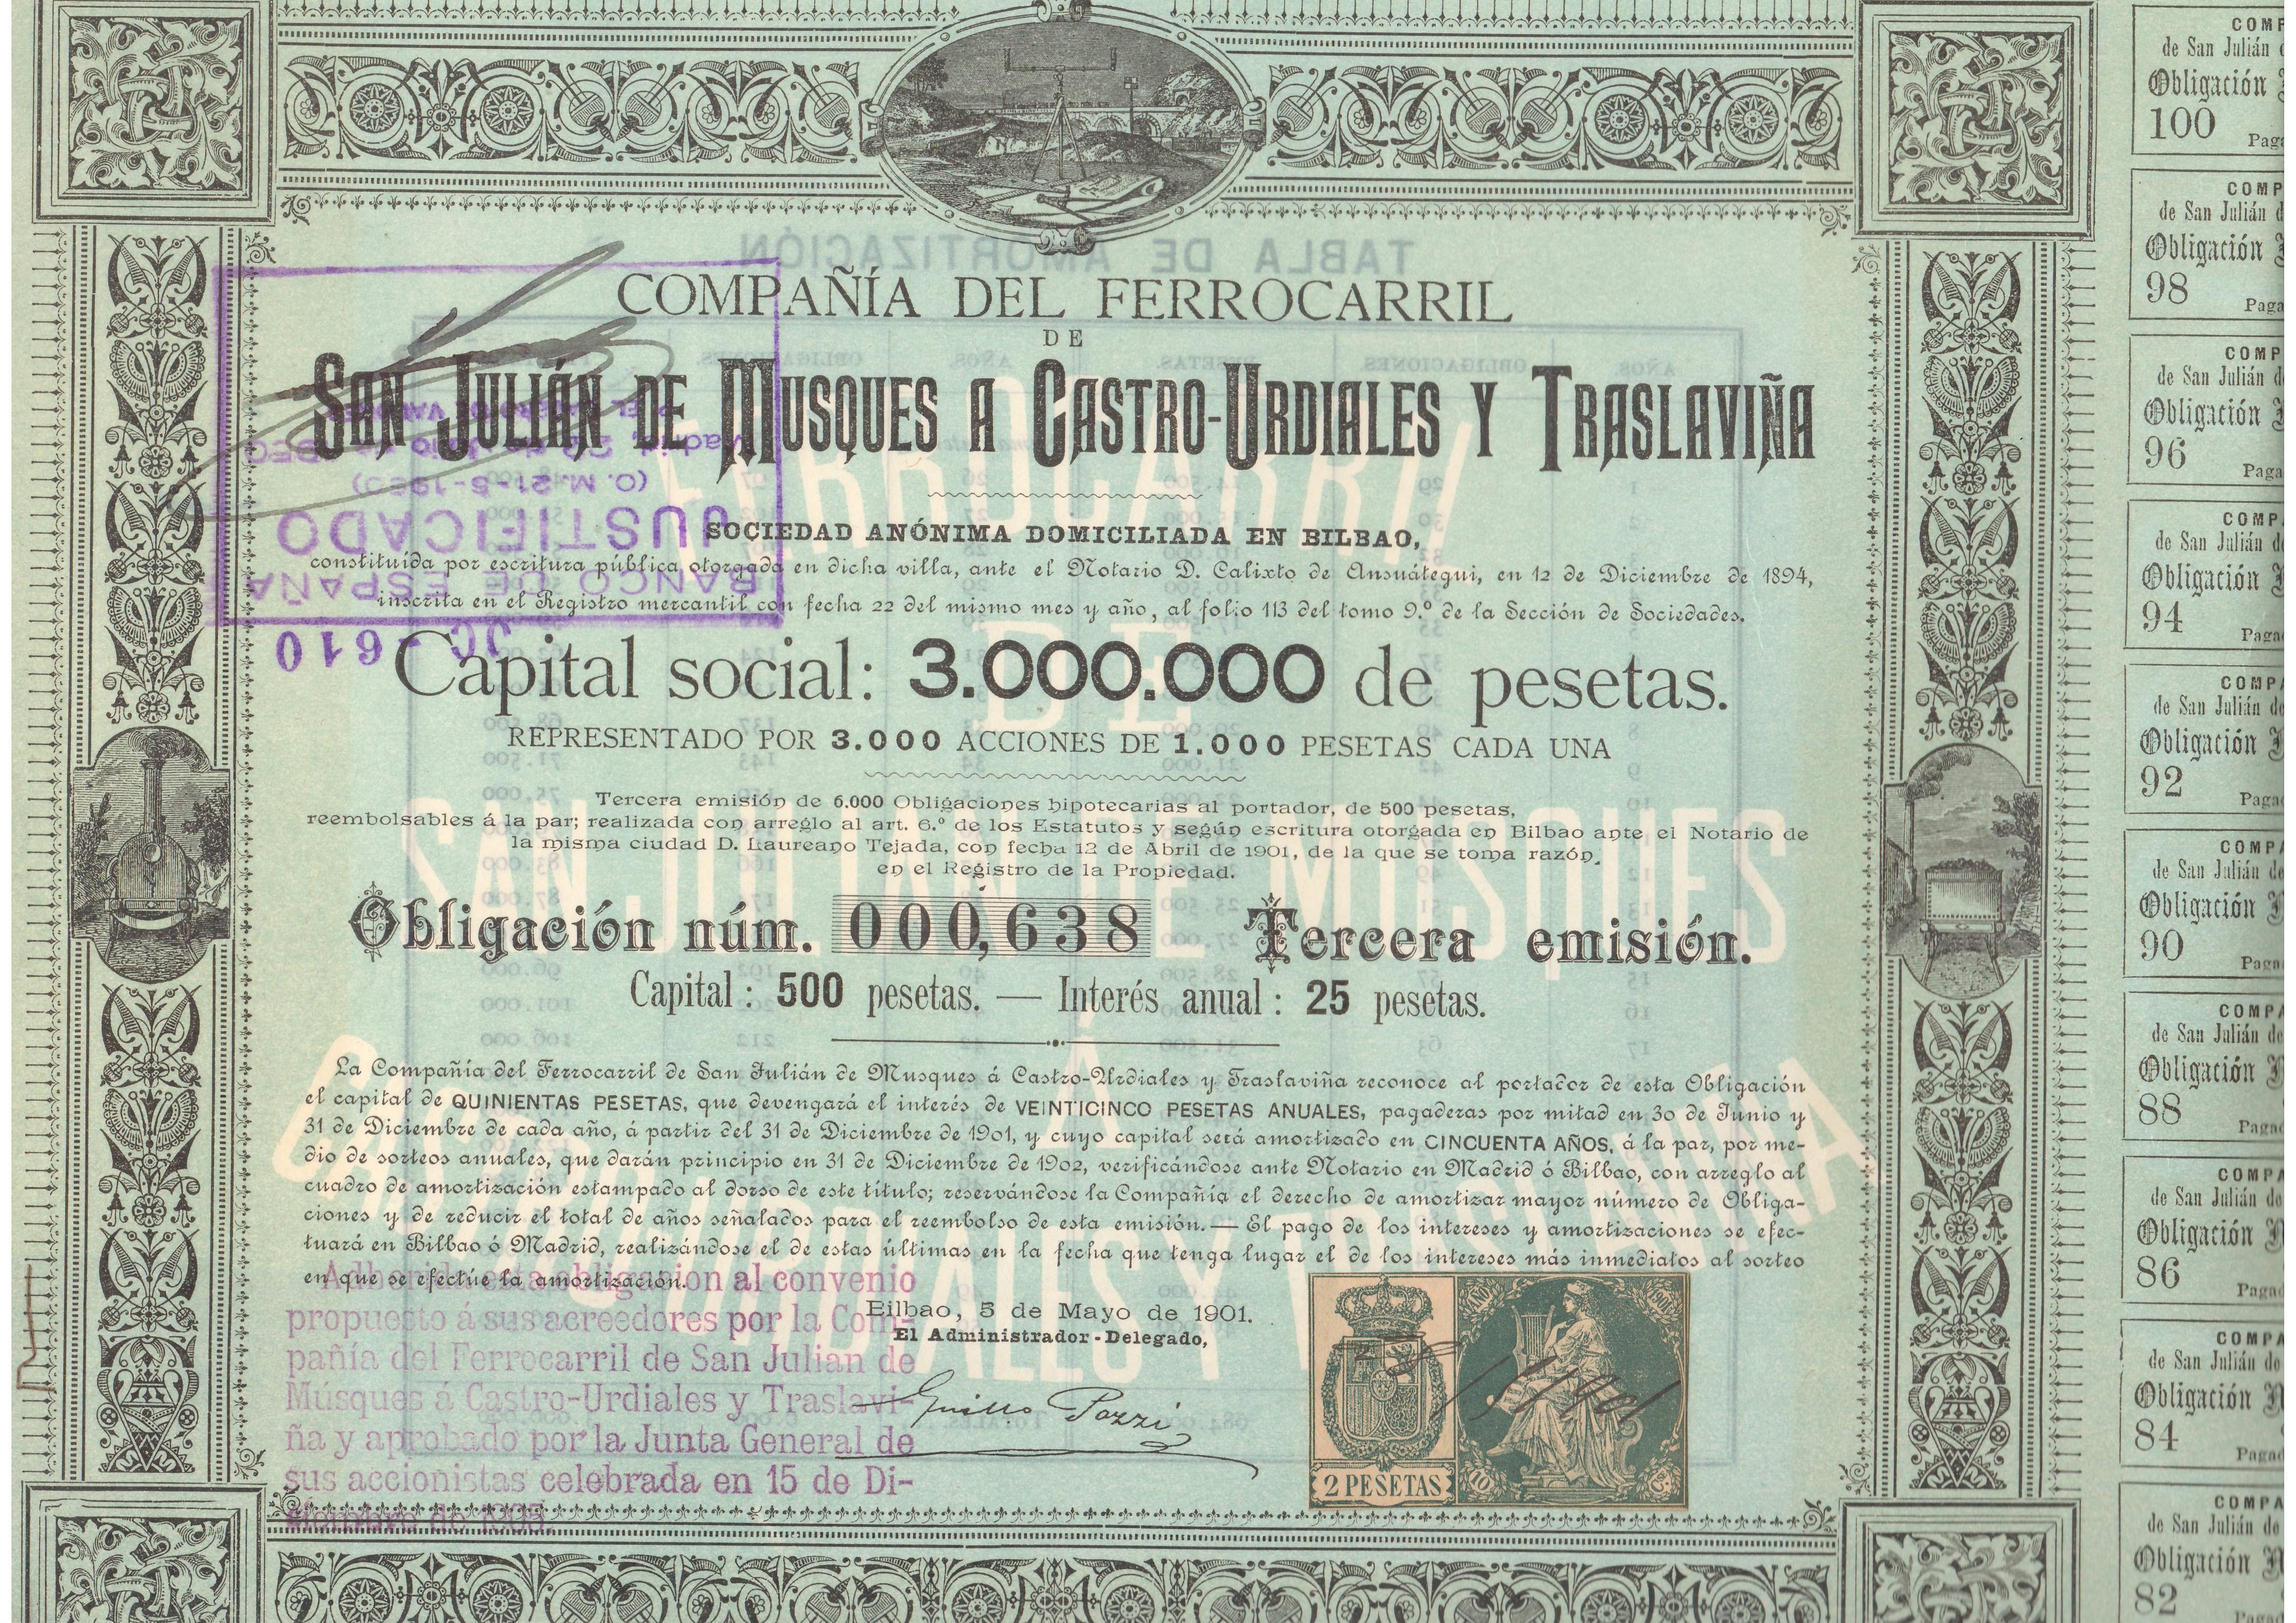 Compañía del Ferrocarril de San Julián de Musques a Castro-Urdiales y Traslaviña